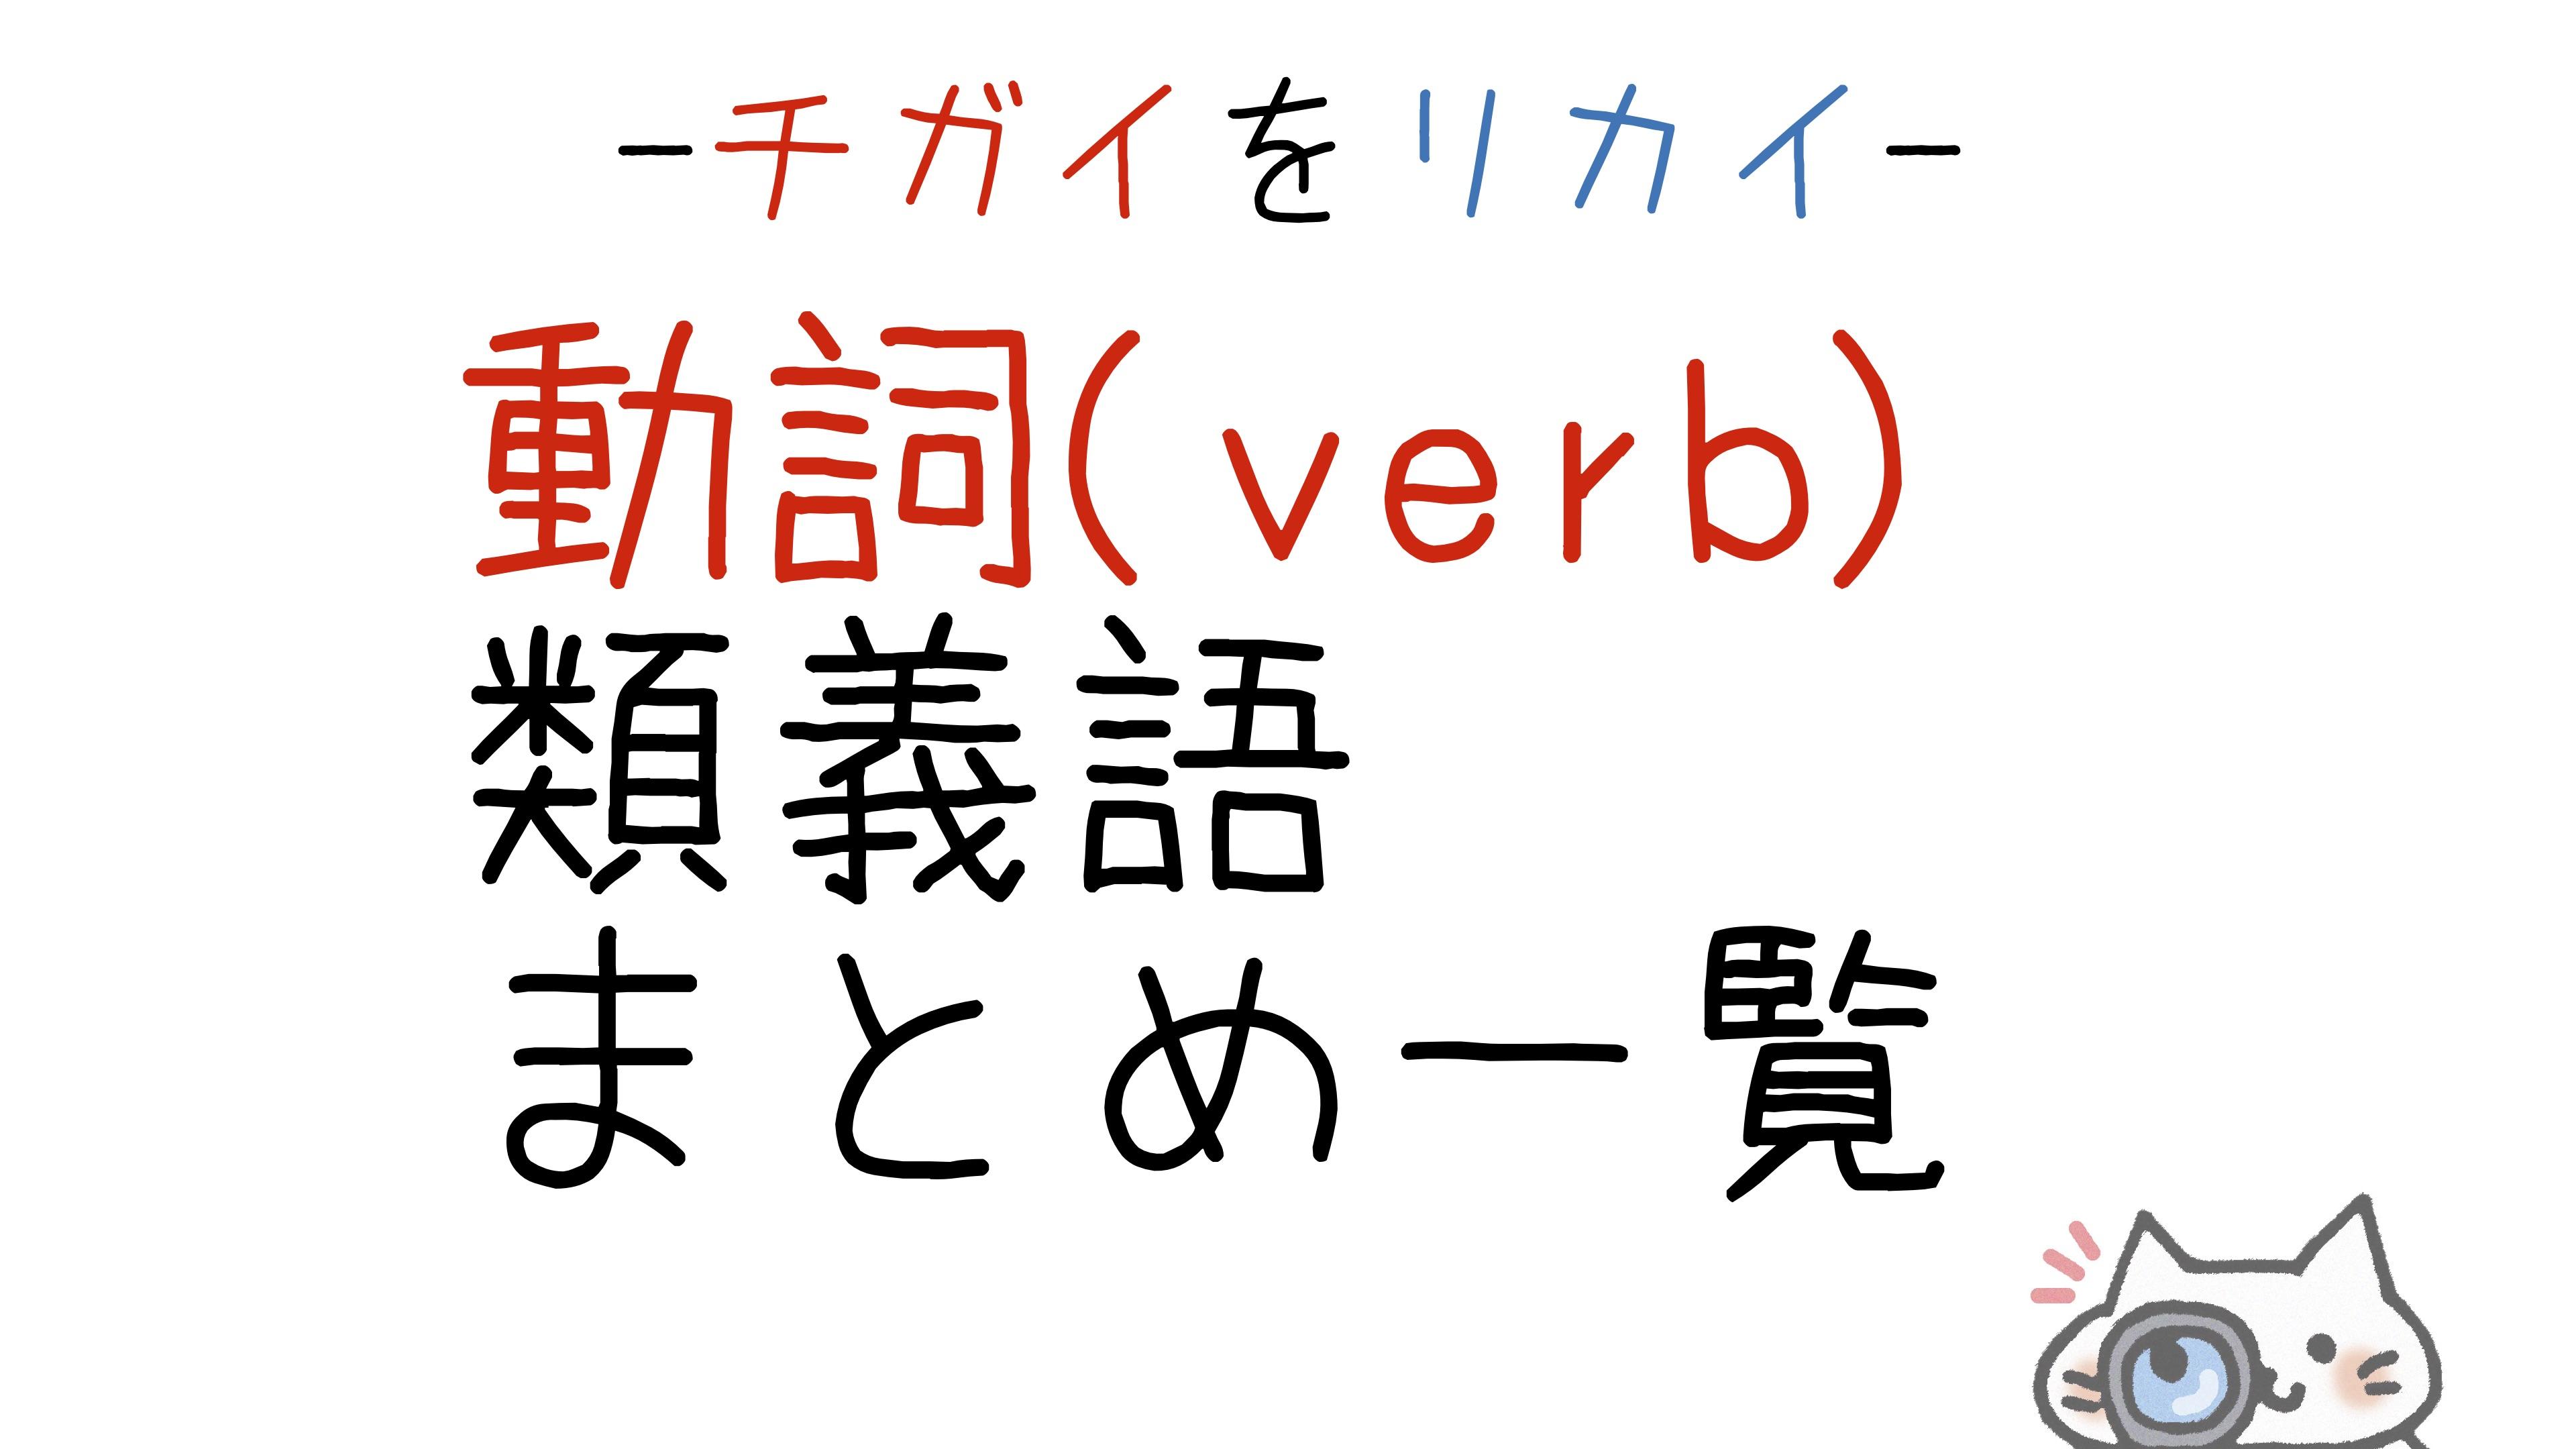 動詞(verb)類義語まとめ一覧